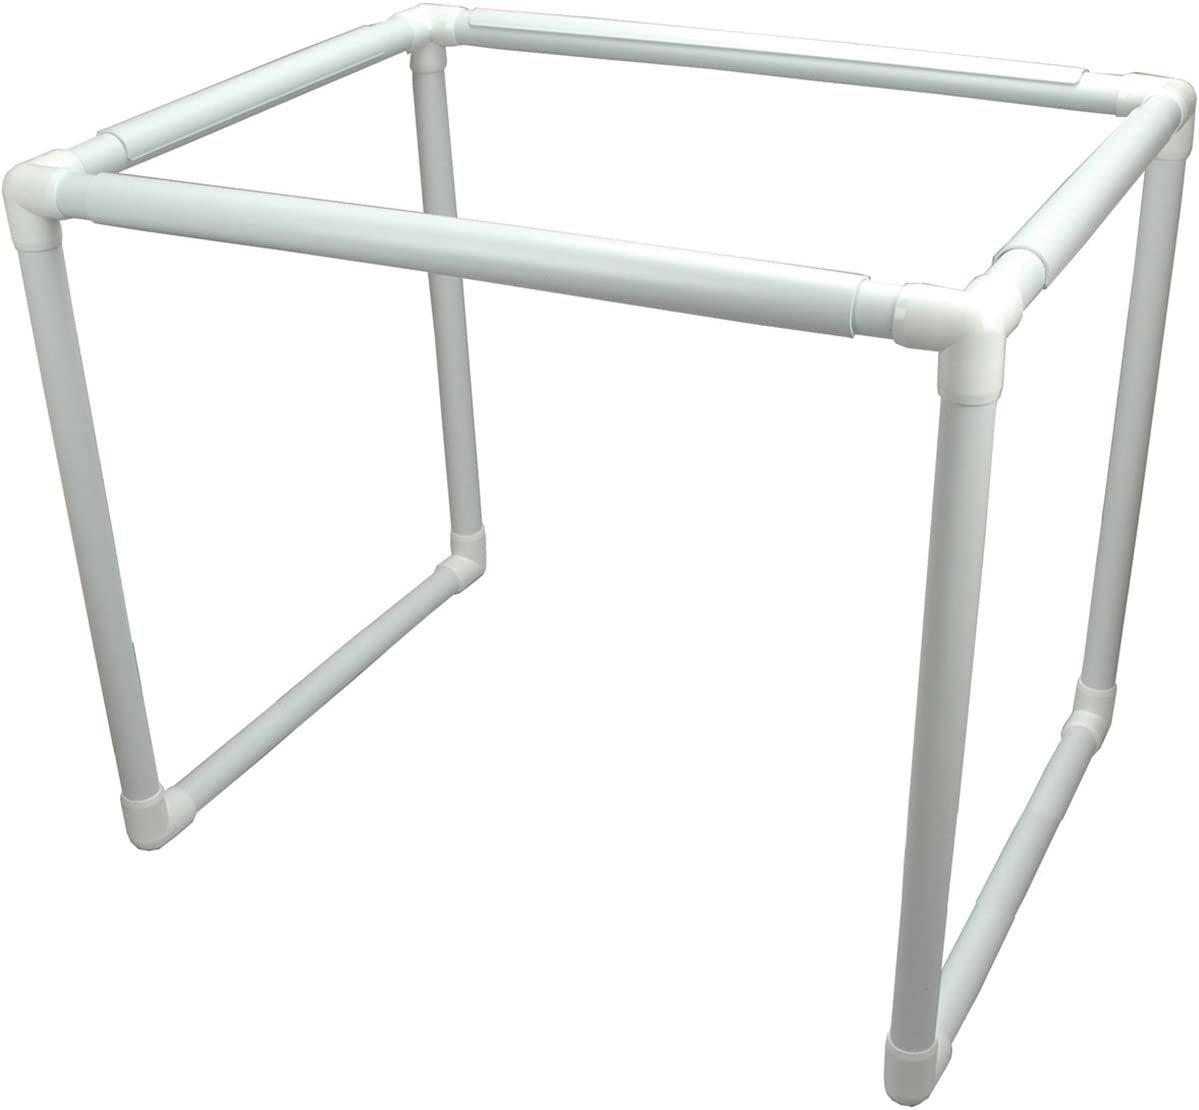 B0006V1XHW Q-Snap Floor Frame, White 51k4aQXZh9L.SL1200_